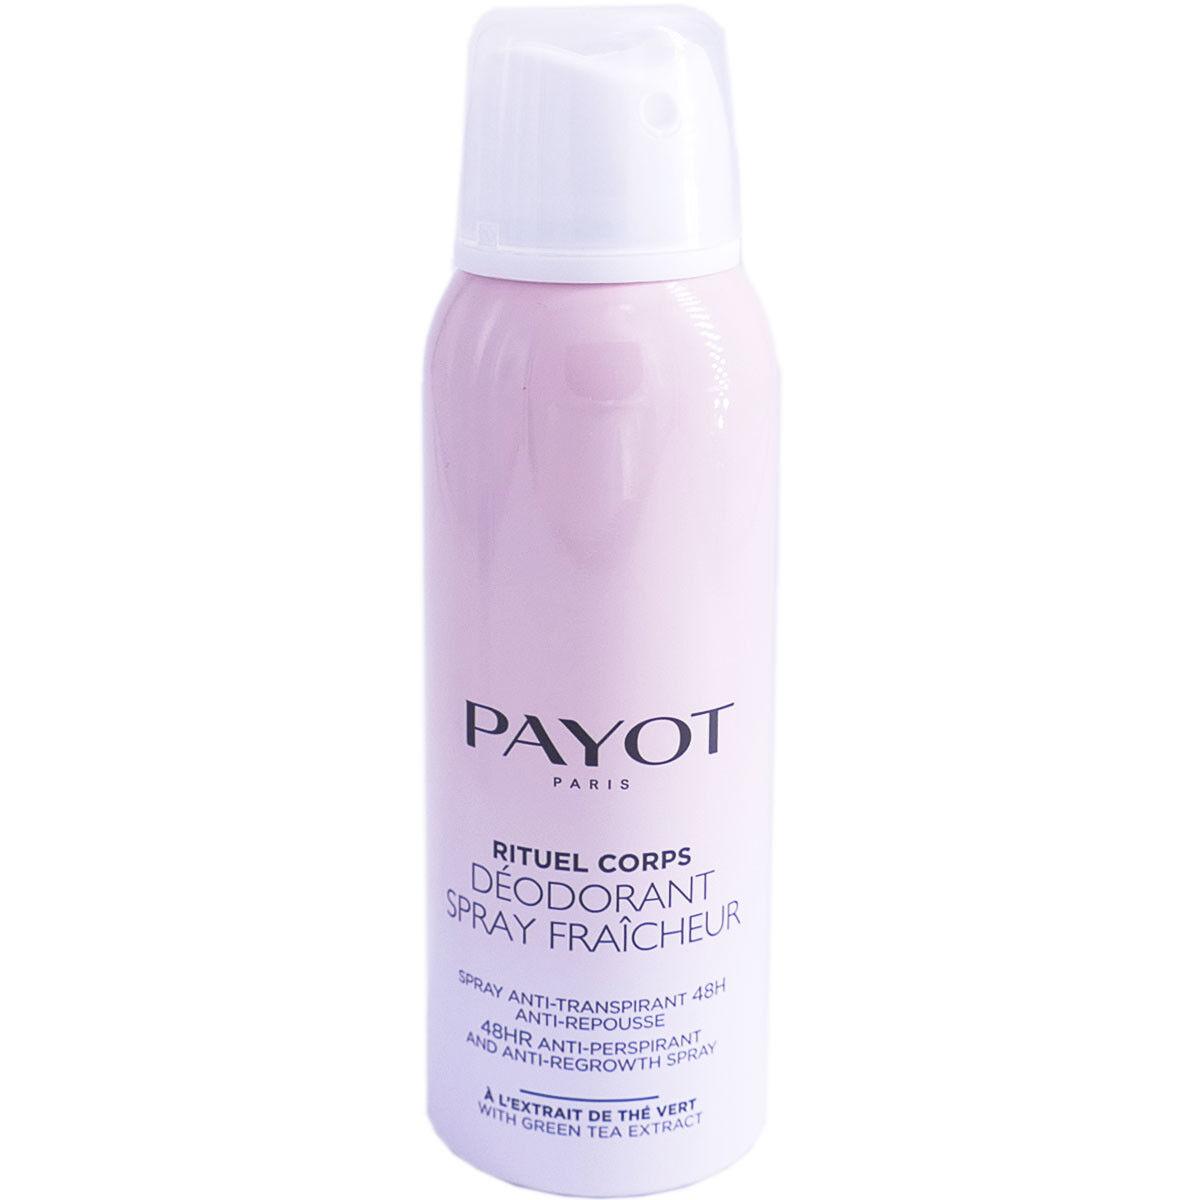 Payot rituel corps deodorant spray fraicheur 125ml